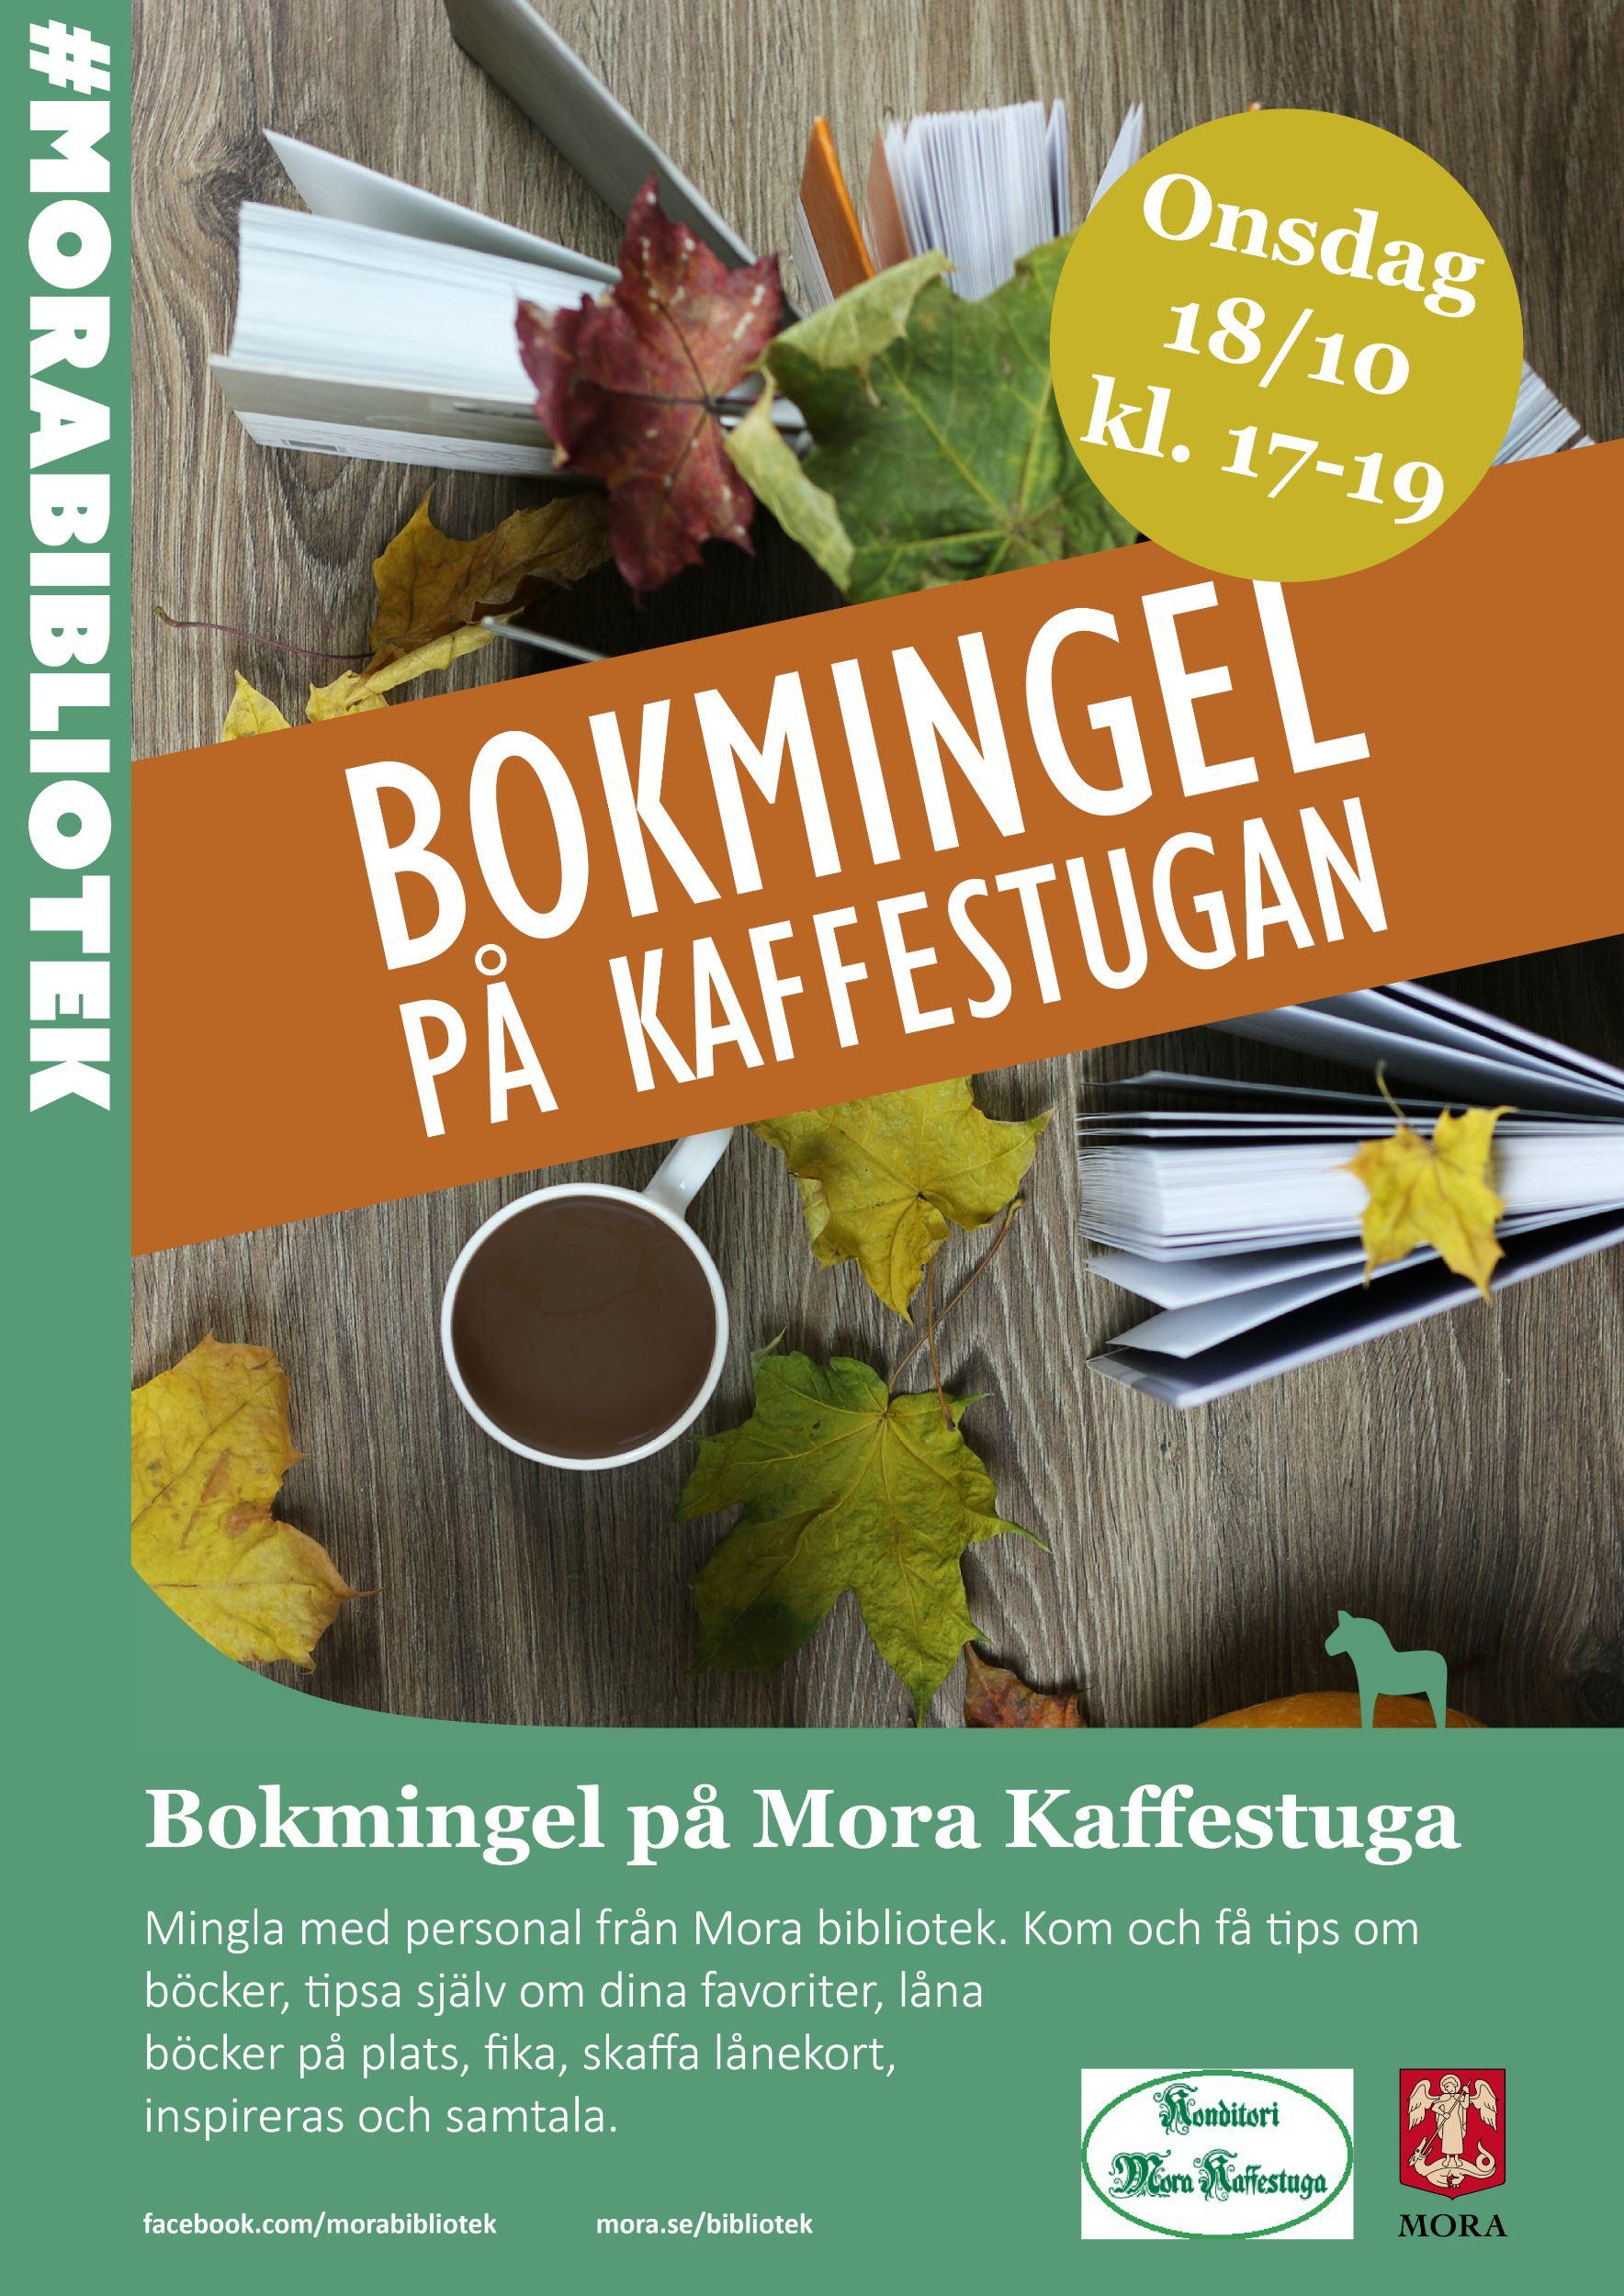 Bokmingel på Mora Kaffestuga